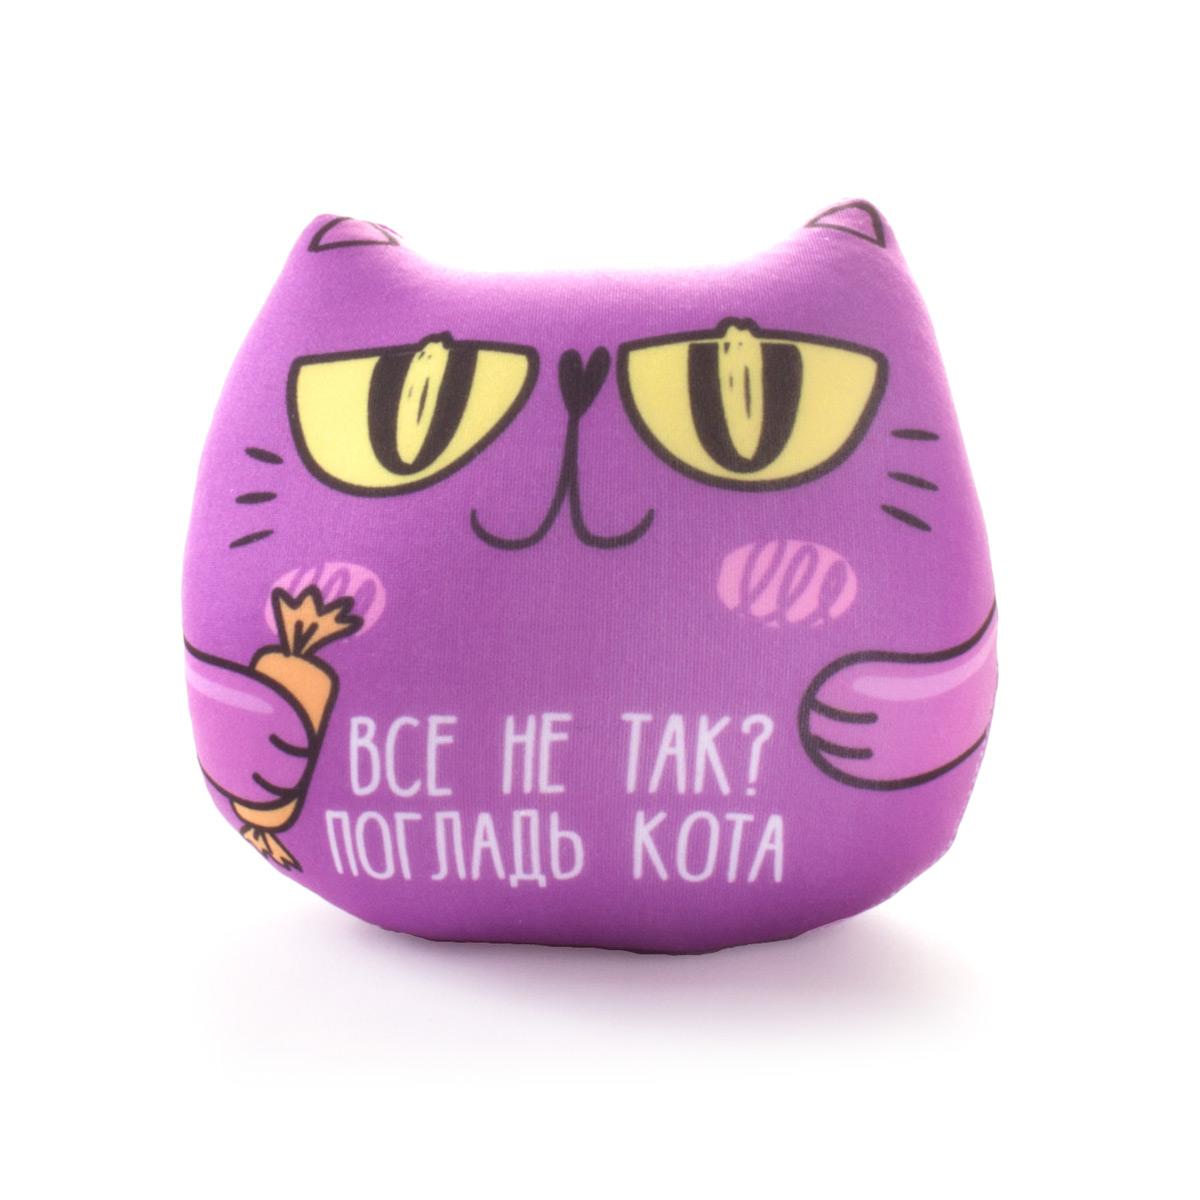 Игрушка антистресс Мнушки Кот с фразой фиолетовыйT1314C0104A001PUАнтистресс игрушки Мнушки - это продукт европейского качества от отечественного производителя.Только проверенные материалы!Только высокопрочный, эластичный трикотаж.Чистый, мелкофракционный, гипоаллергенный наполнитель без запаха.А еще на игрушки получен сертификат соответствия ЕАС, который подтверждает то, что все изделия экологически чистые и совершенно безопасны для взрослых и детей.Размер: 16х15х5 см.Материал: Бифлекс.